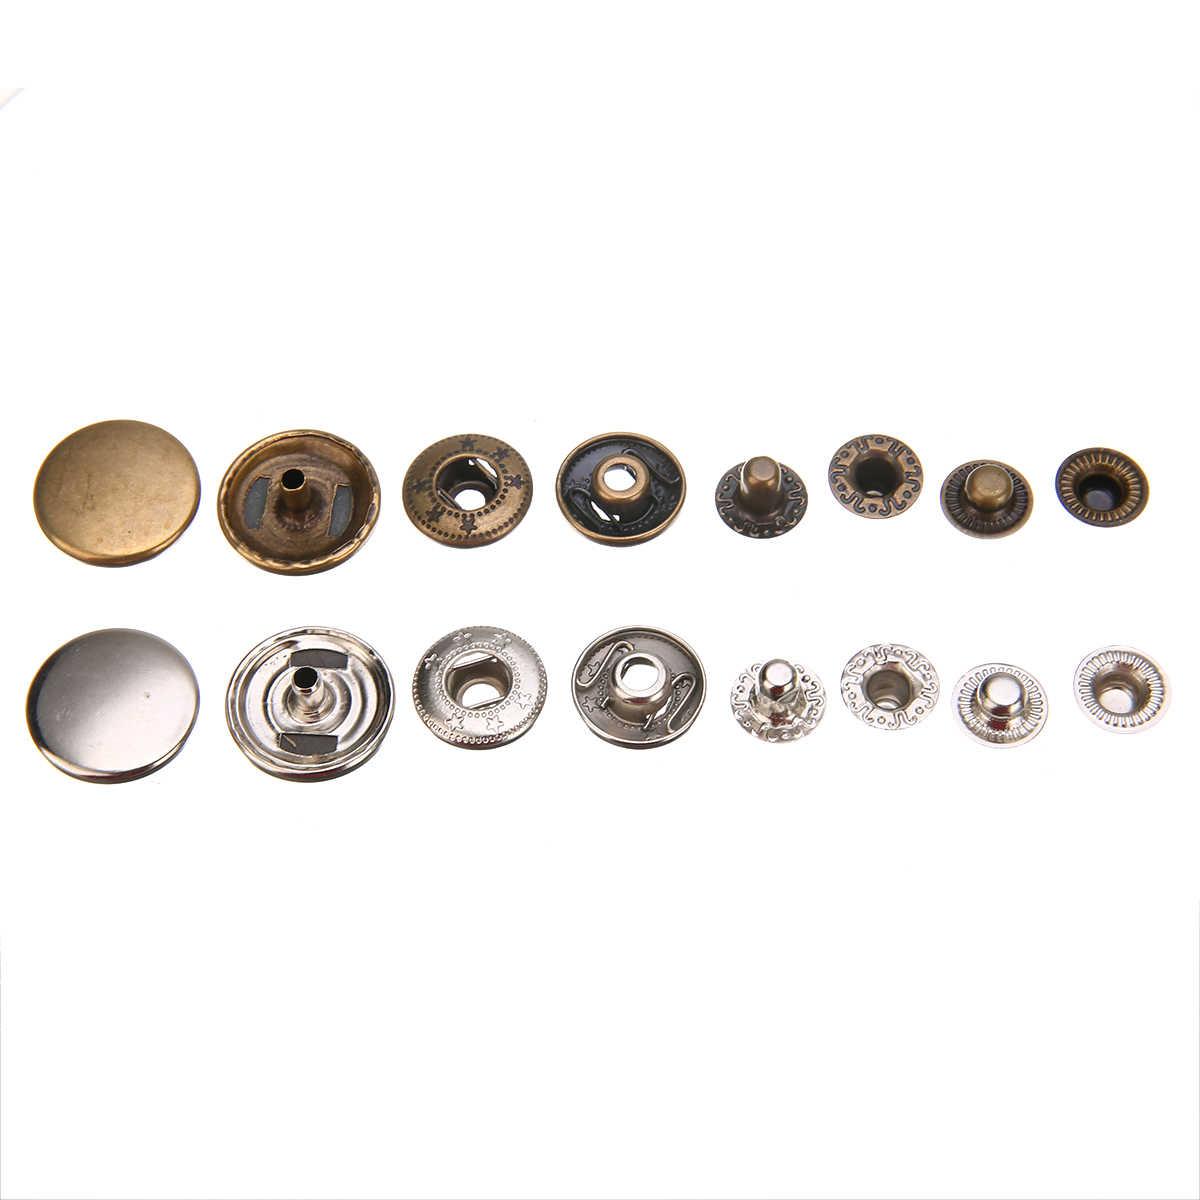 17 ミリメートルヘビーデューティスナップファスナープレススタッド縫製金属スナッププレススタッズボタンと 4 個のため固定ツールレザークラフト